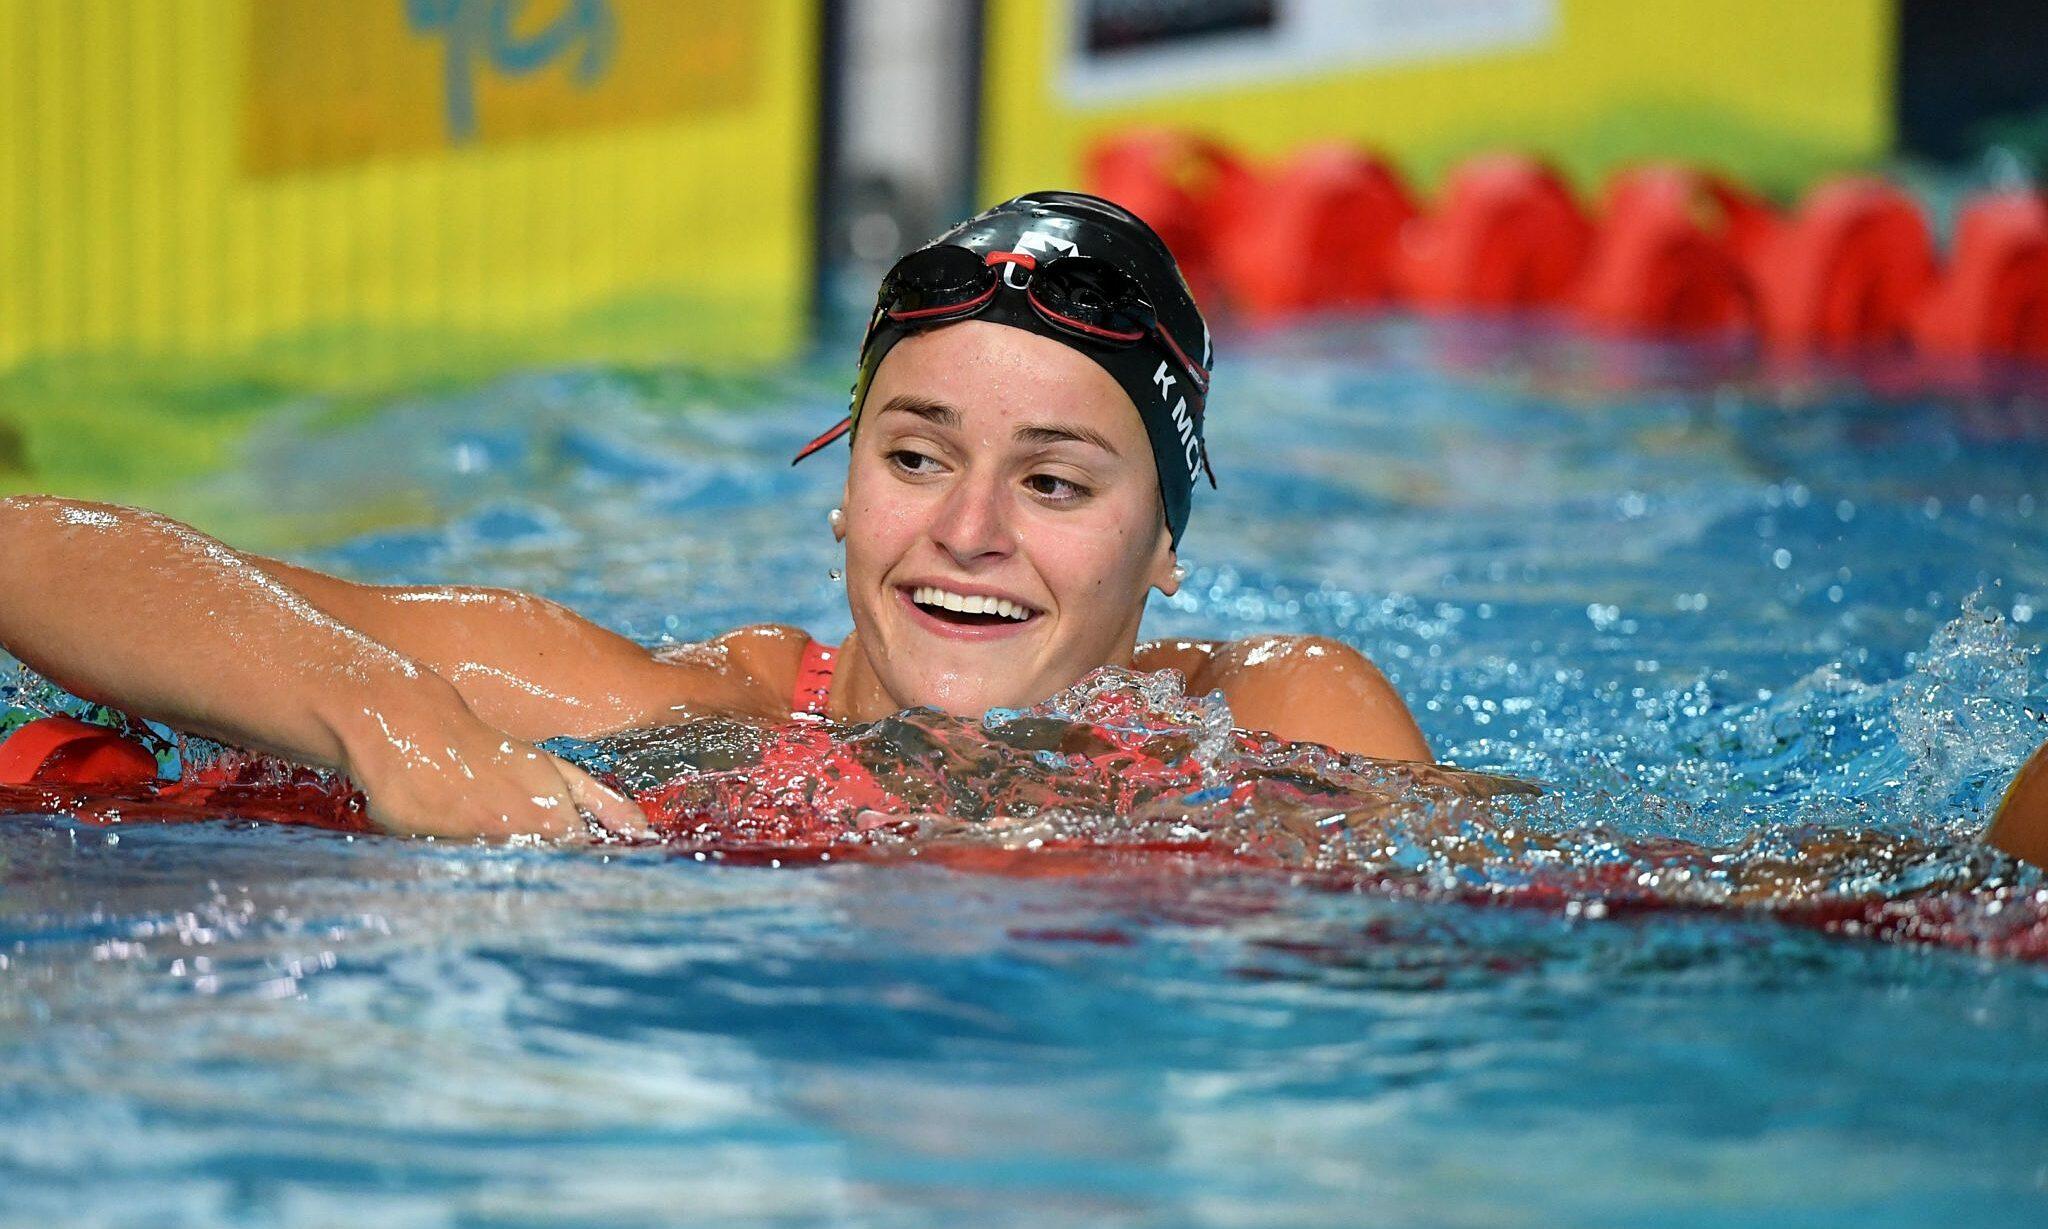 Trong hơn một tháng qua, kình ngư Australia 20 tuổi Kaylee McKeown lần lượt phá kỷ lục thế giới và Olympic. Ảnh: Swimming Australia